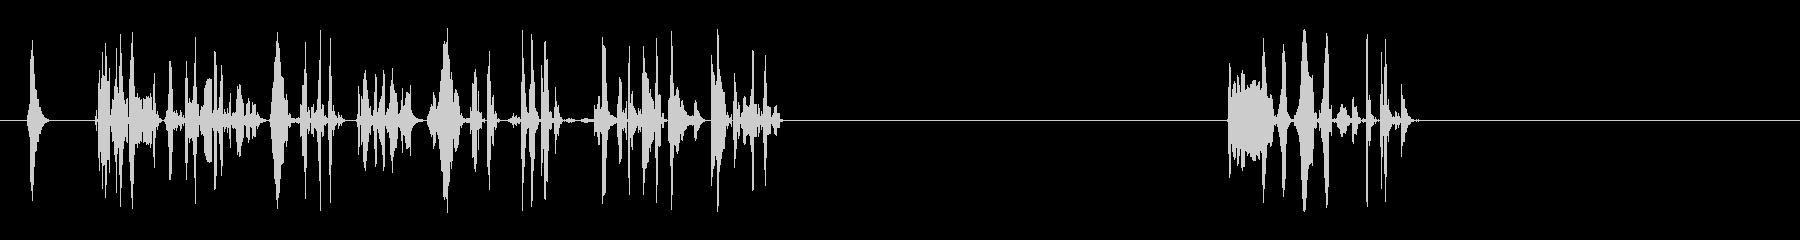 ウォブルトーンシーケンス、コンピュ...の未再生の波形